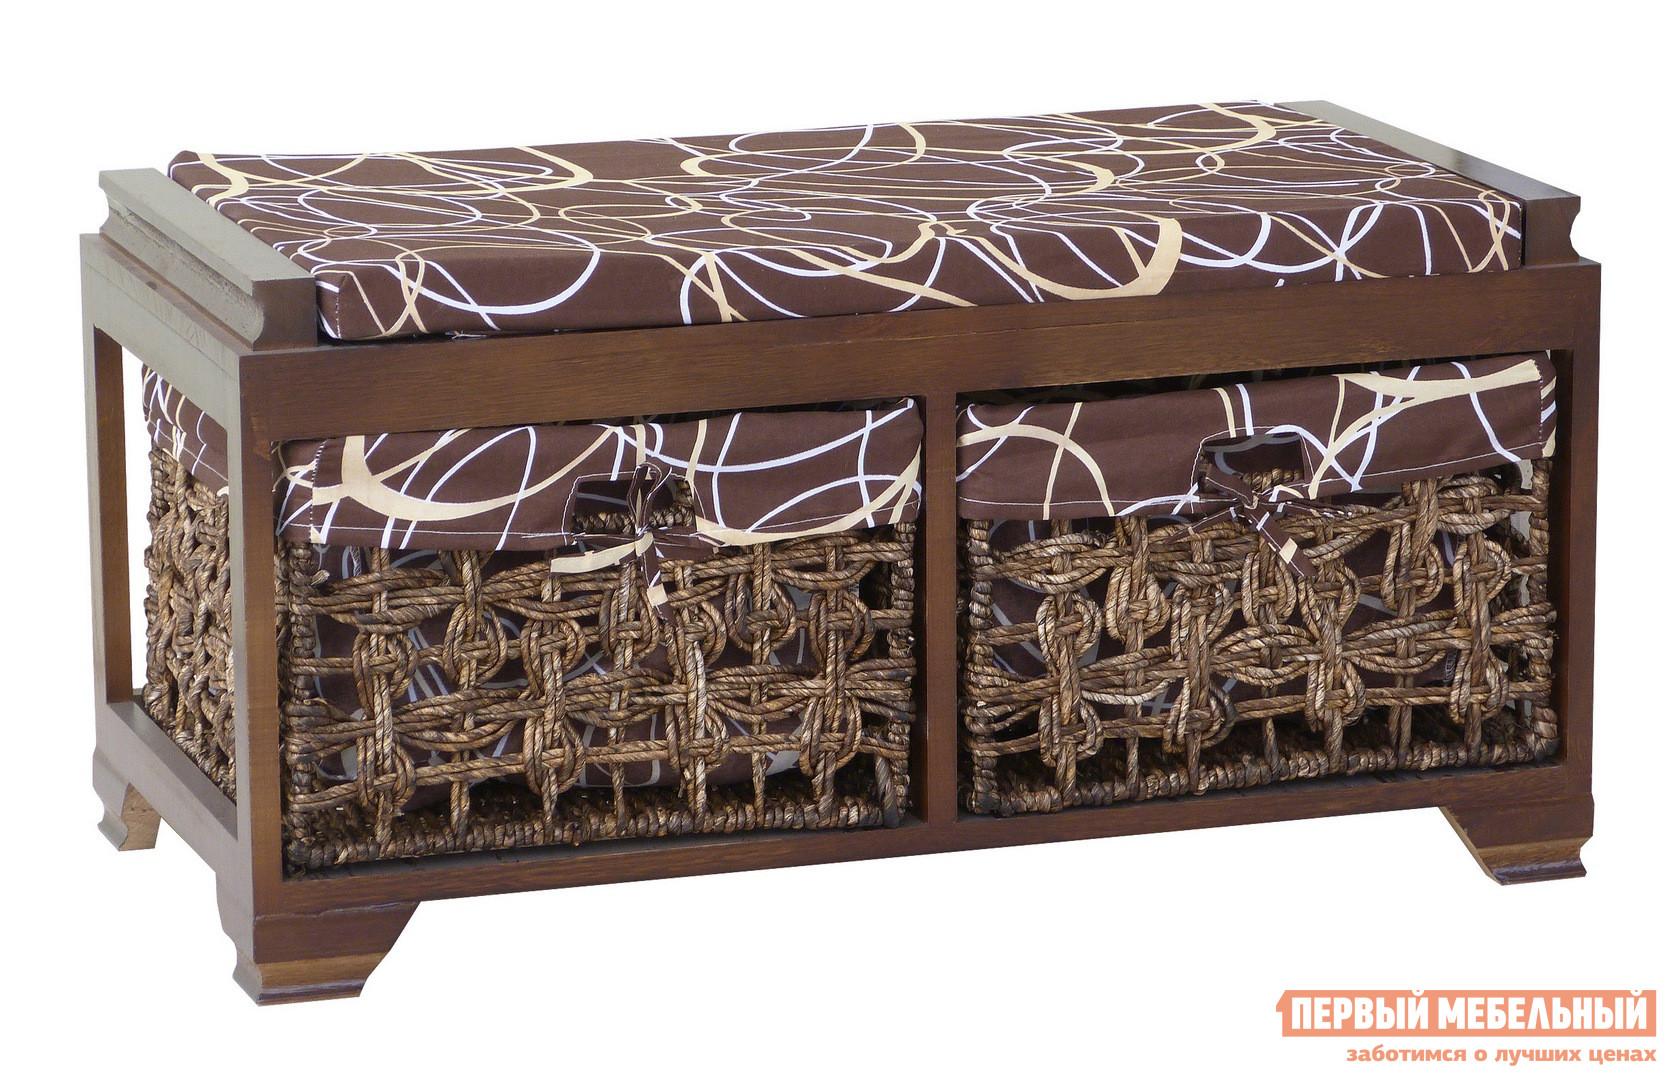 Банкетка Ariva ARIVA-8940Z (54405) КоричневыйБанкетки<br>Габаритные размеры ВхШхГ 420x800x410 мм. Небольшая банкетка в темных тонах — уютный аксессуар в спальню или прихожую.  Прекрасный вариант для квартиры или загородного дома. В комплект банкетки входят две плетеные корзины для хранения самых разных мелочей.  На сидении есть мягкий элемент размером 800 х 410 мм. Каркас банкетки выполняется из массива павловнии и покрыт лаком.  Корзины сплетены из кукурузных жгутов.  Обивка на сидении и чехлы в корзинах — ткань (80% хлопок, 20% полиэстер). Максимально допустимая нагрузка на изделие составляет 100 кг.<br><br>Цвет: Коричневый<br>Цвет: Коричневый<br>Цвет: Коричневое дерево<br>Высота мм: 420<br>Ширина мм: 800<br>Глубина мм: 410<br>Кол-во упаковок: 1<br>Форма поставки: В собранном виде<br>Срок гарантии: 1 год<br>Тип: Плетеная, Скамья<br>Назначение: Для спальни, В прихожую, Для гостиной<br>Материал: из ткани, Из натурального дерева, из массива дерева<br>Форма: Прямоугольные<br>Размер: Большие, Двухместные<br>Высота: Низкие<br>Глубина: Глубокие<br>Особенности: С сиденьем, С ящиками, С мягким сиденьем, На ножках, С рисунком, Без спинки, С корзинами<br>Стиль: Прованс